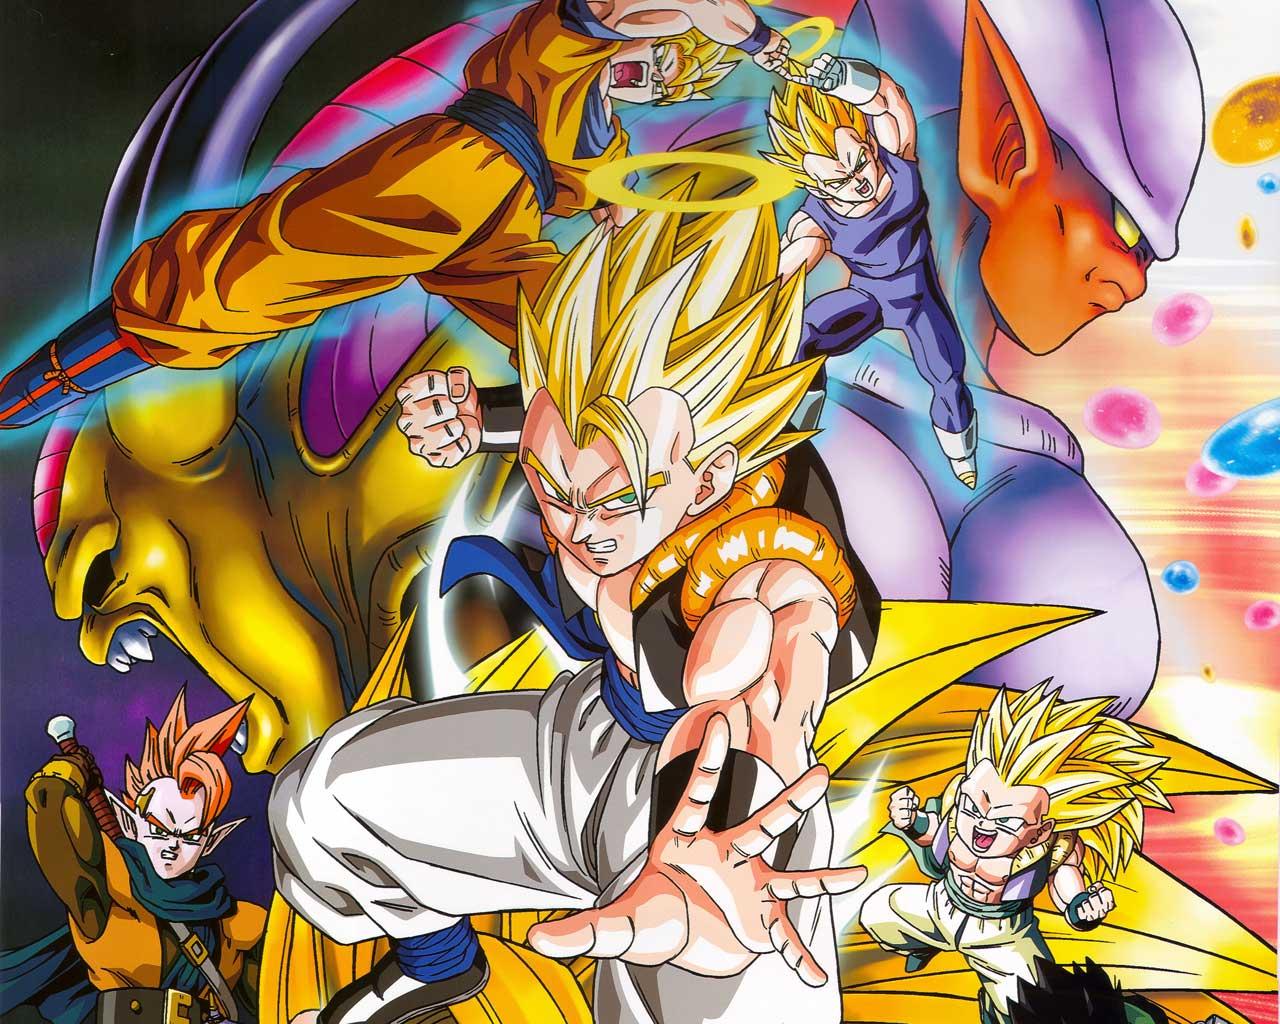 hình nền đẹp của Goku